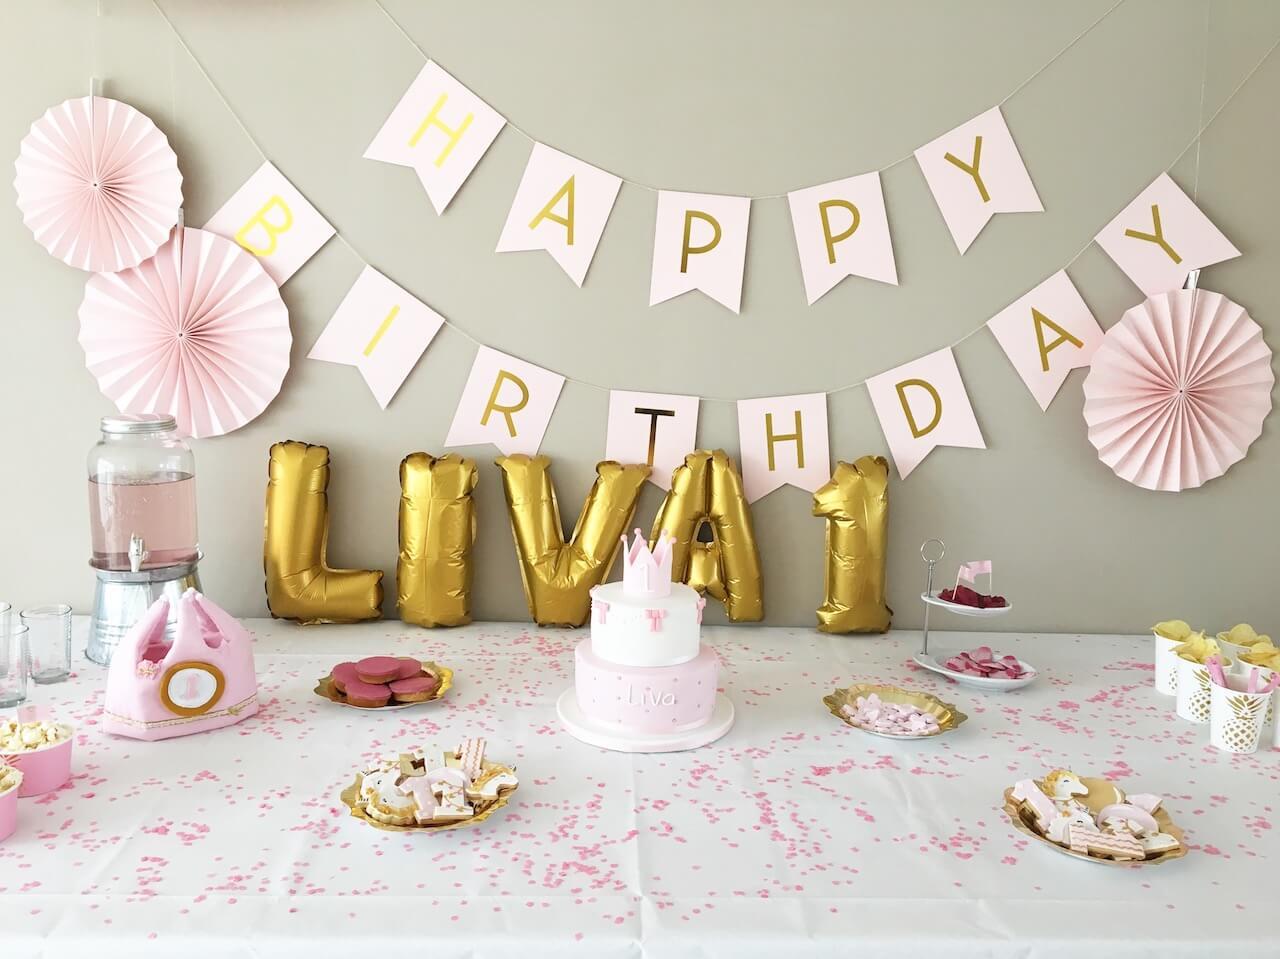 verjaardagsfeestje Liva - unicorns & fairytales